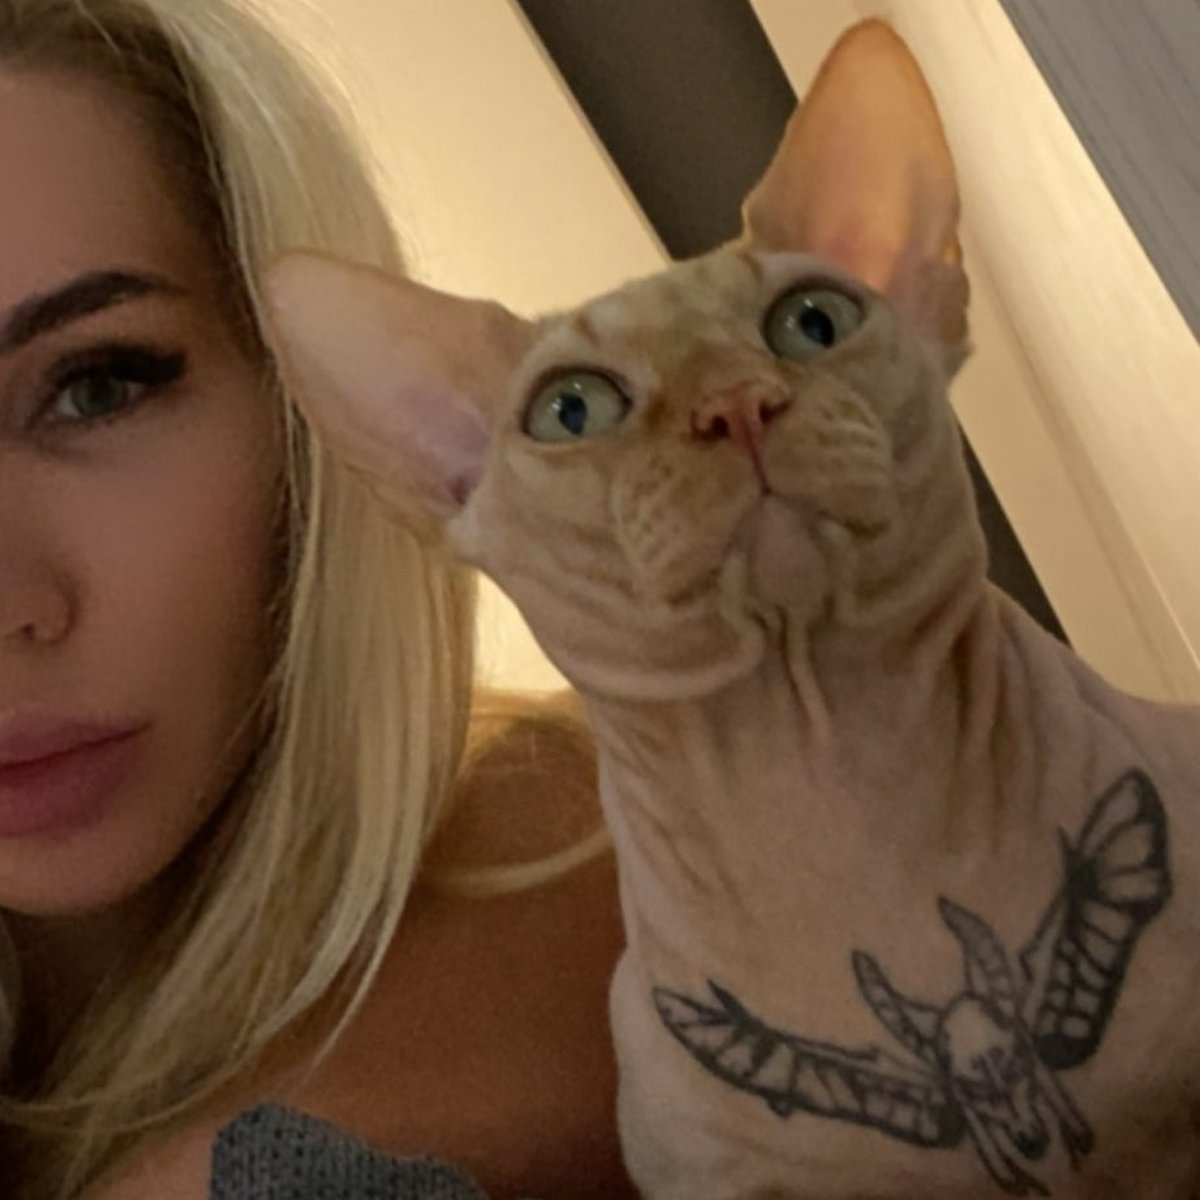 Cette femme a tatoué son chat et les gens viennent juste de découvrir qui elle est